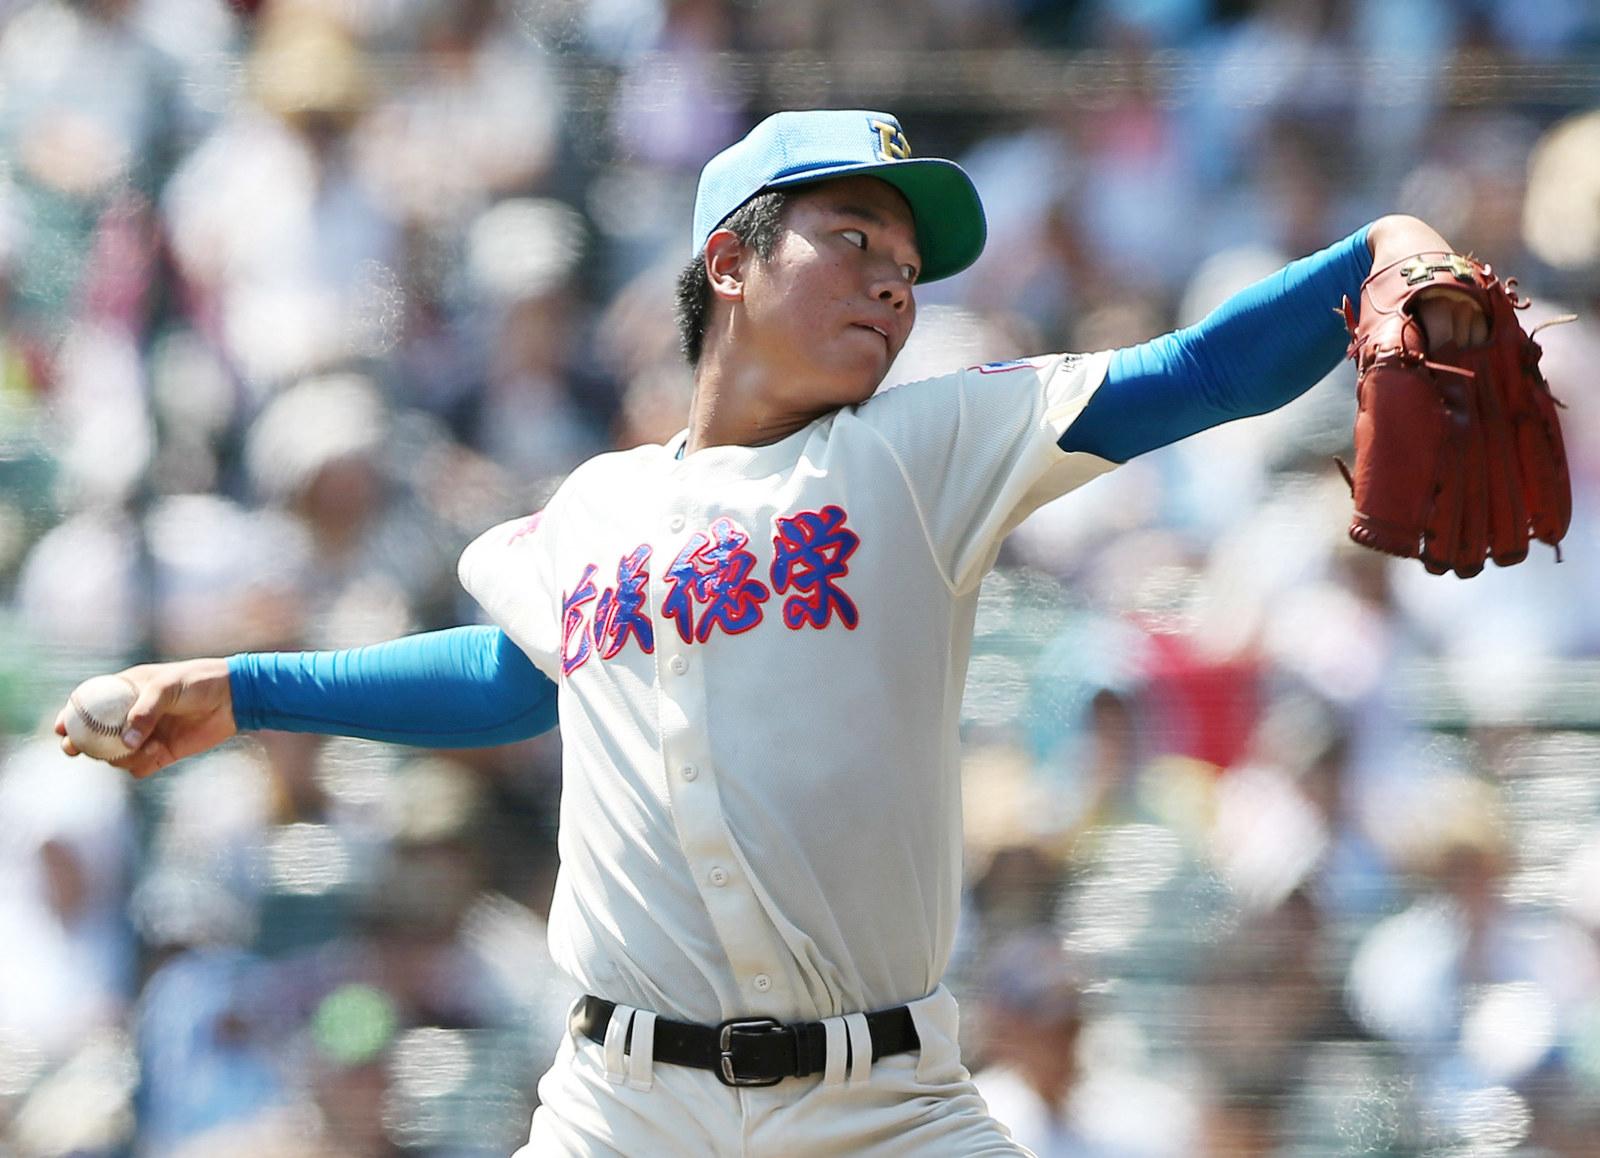 清水達也 (野球)の画像 p1_11